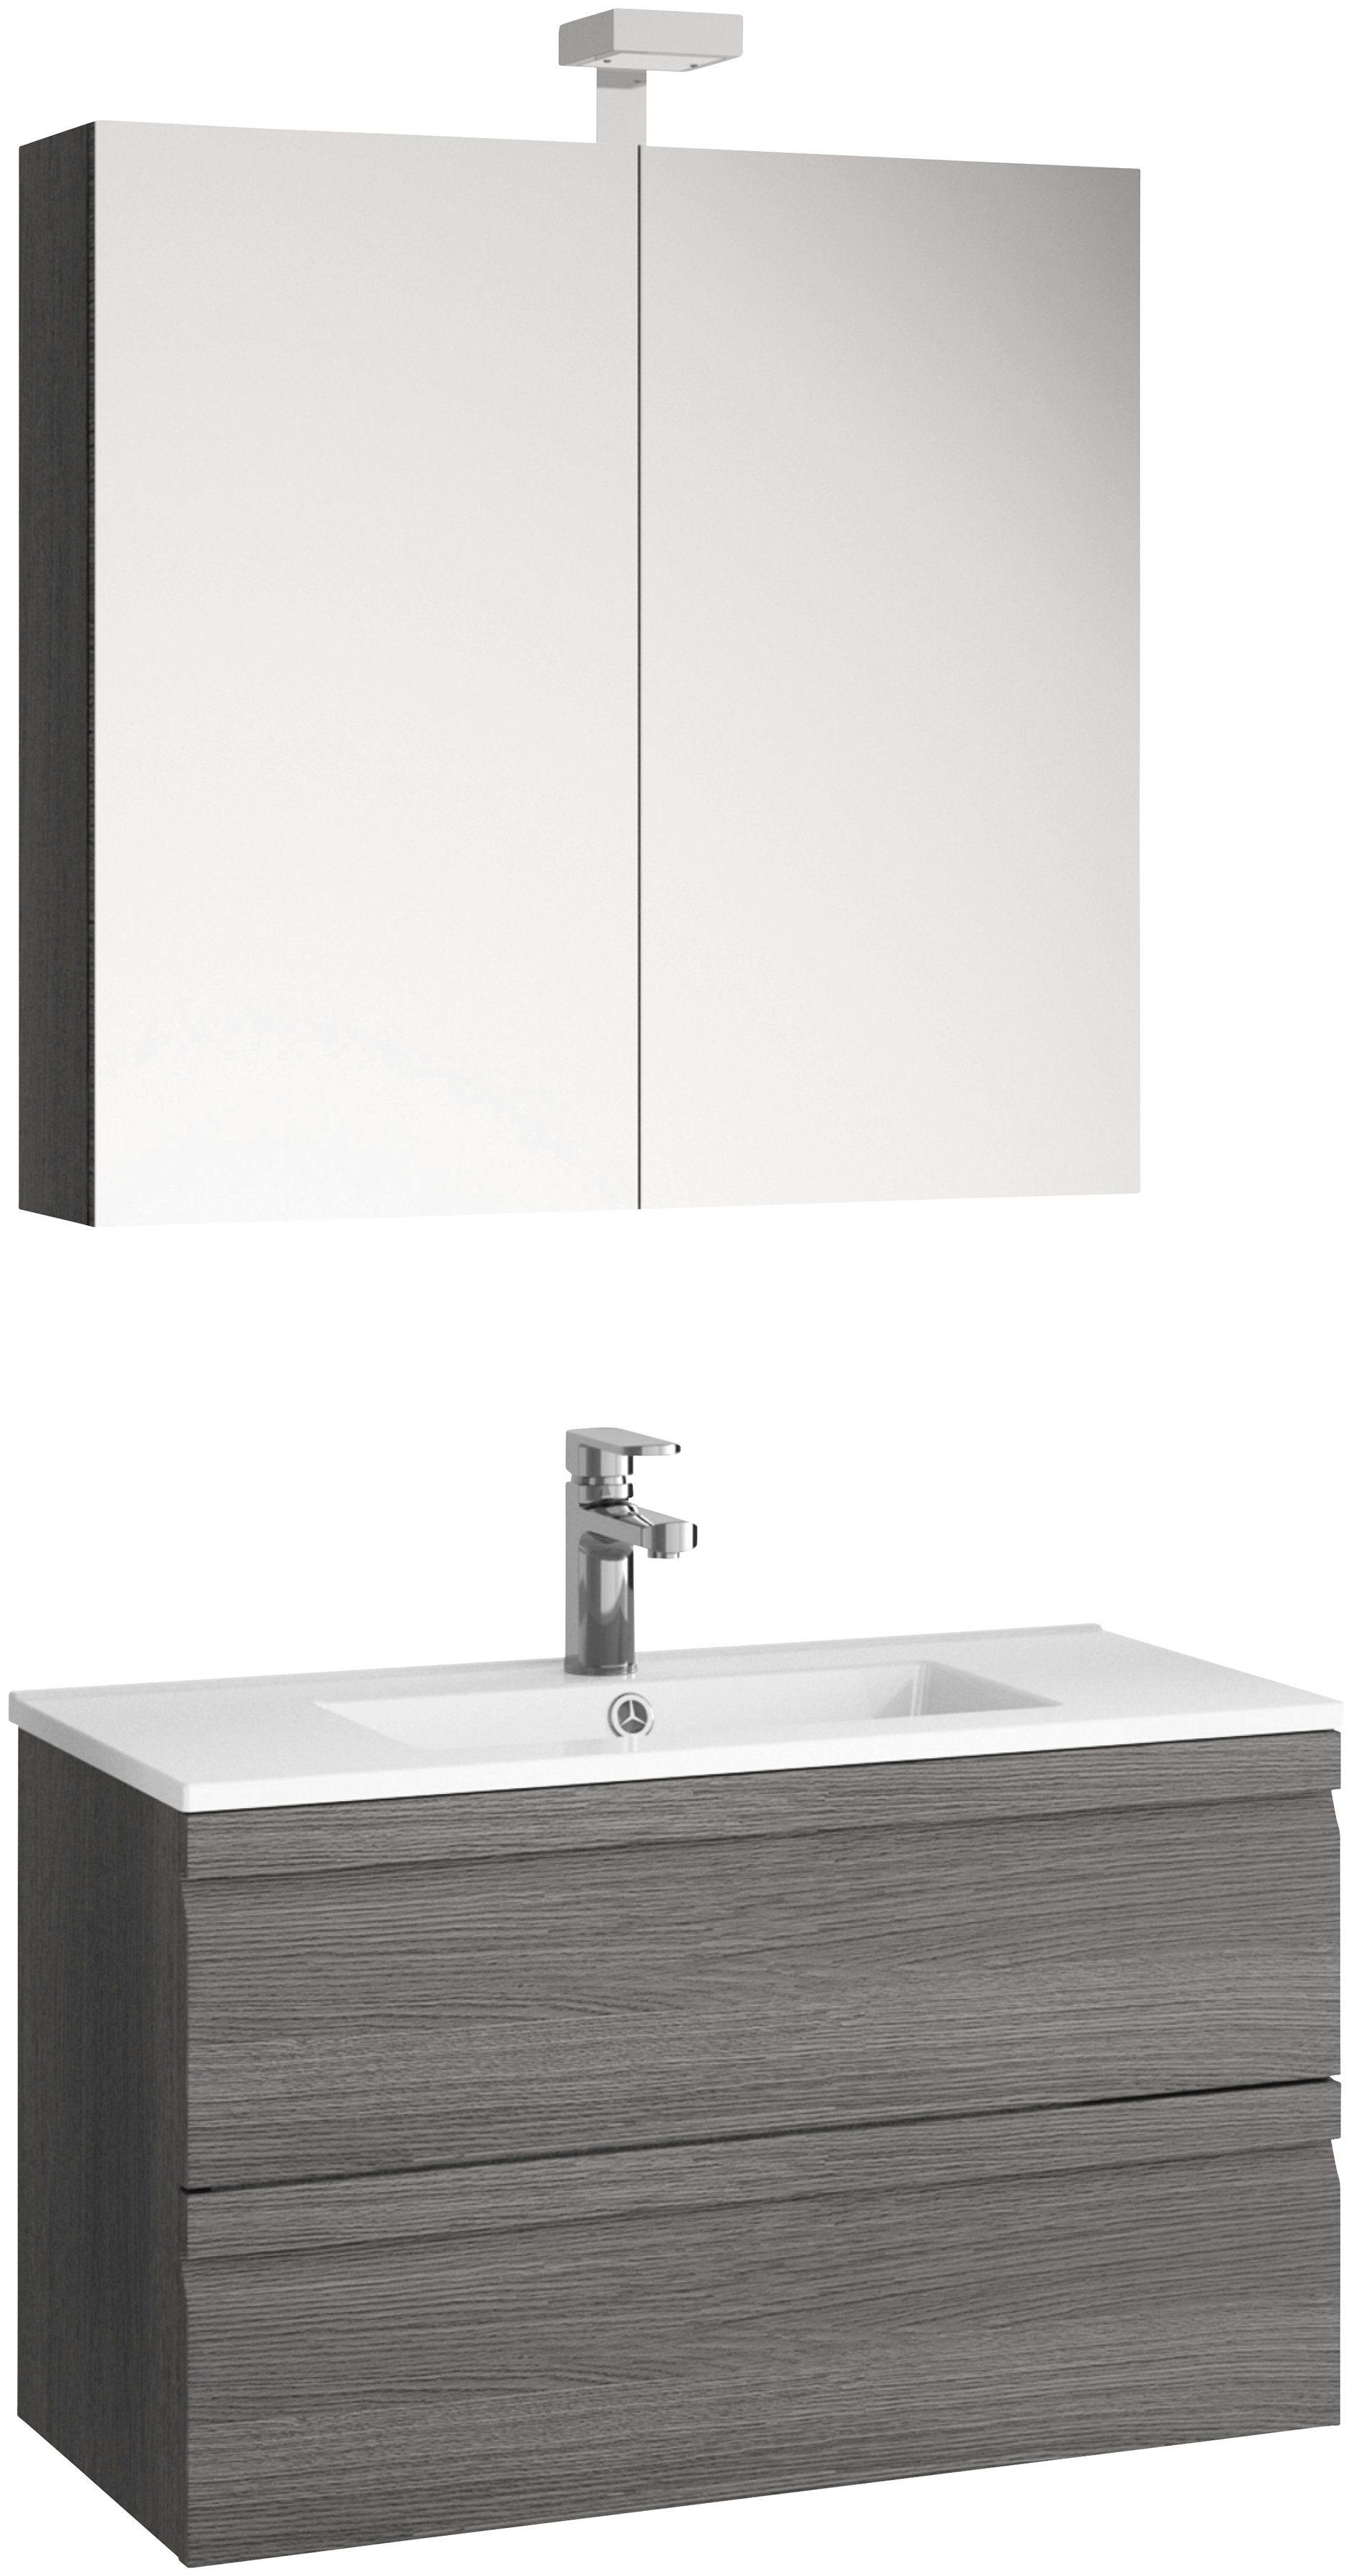 Schön Badmöbel Set Julia Bilder - Die Designideen für Badezimmer ...